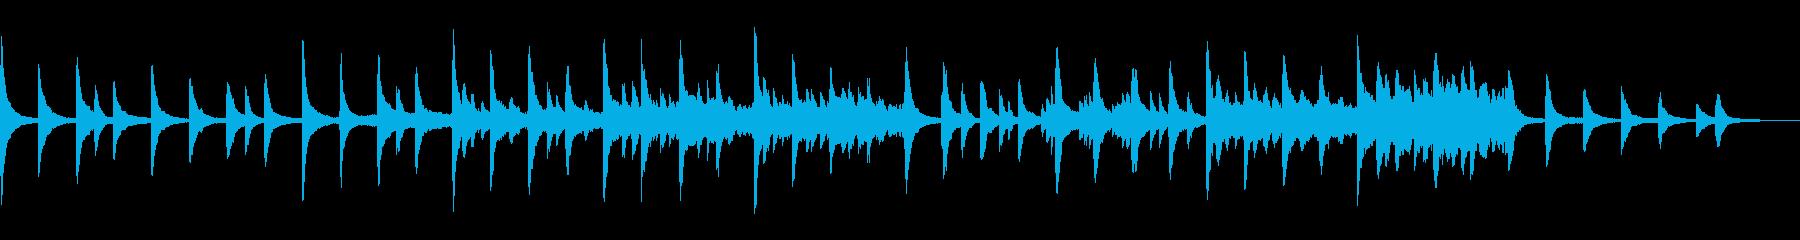 KANTスピーチ用BGM200709の再生済みの波形